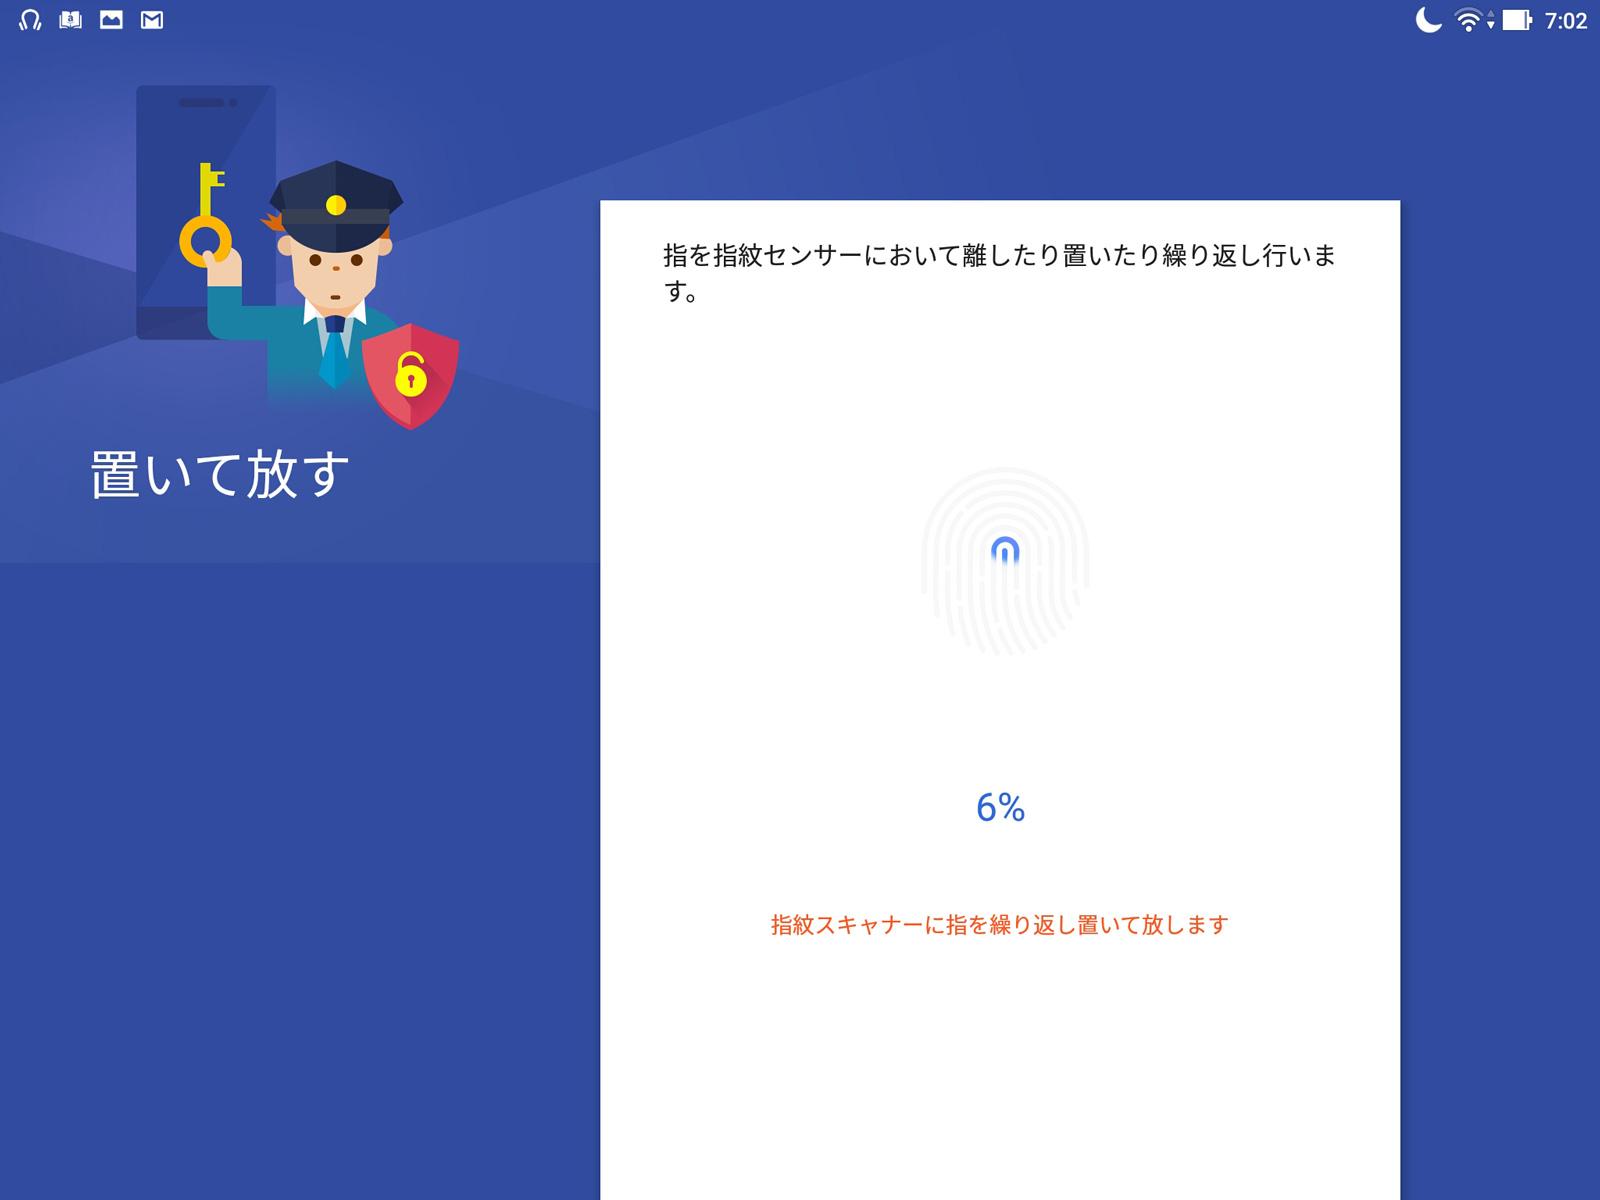 【西川善司のモバイルテックアラカルト】第29回: クセになる10インチタブレット「ZenPad 3S 10」